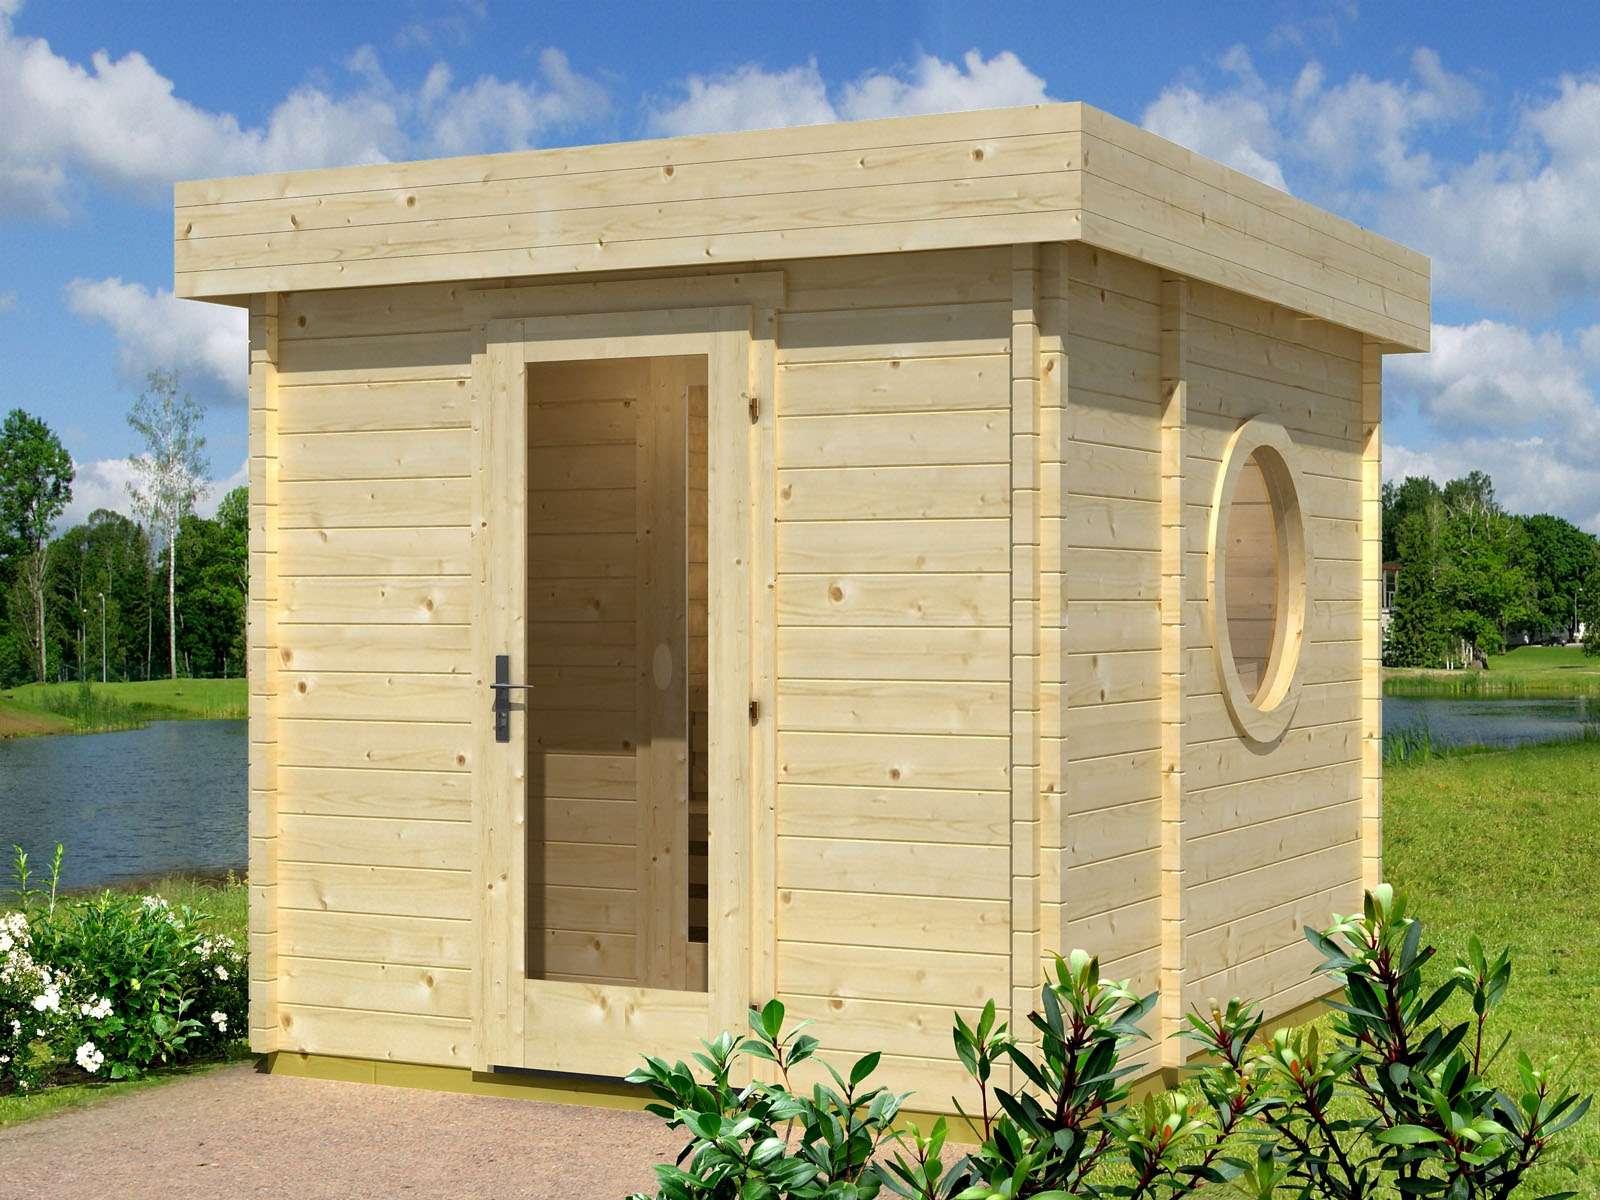 saunahaus kaufen energie spar sauna with saunahaus kaufen. Black Bedroom Furniture Sets. Home Design Ideas